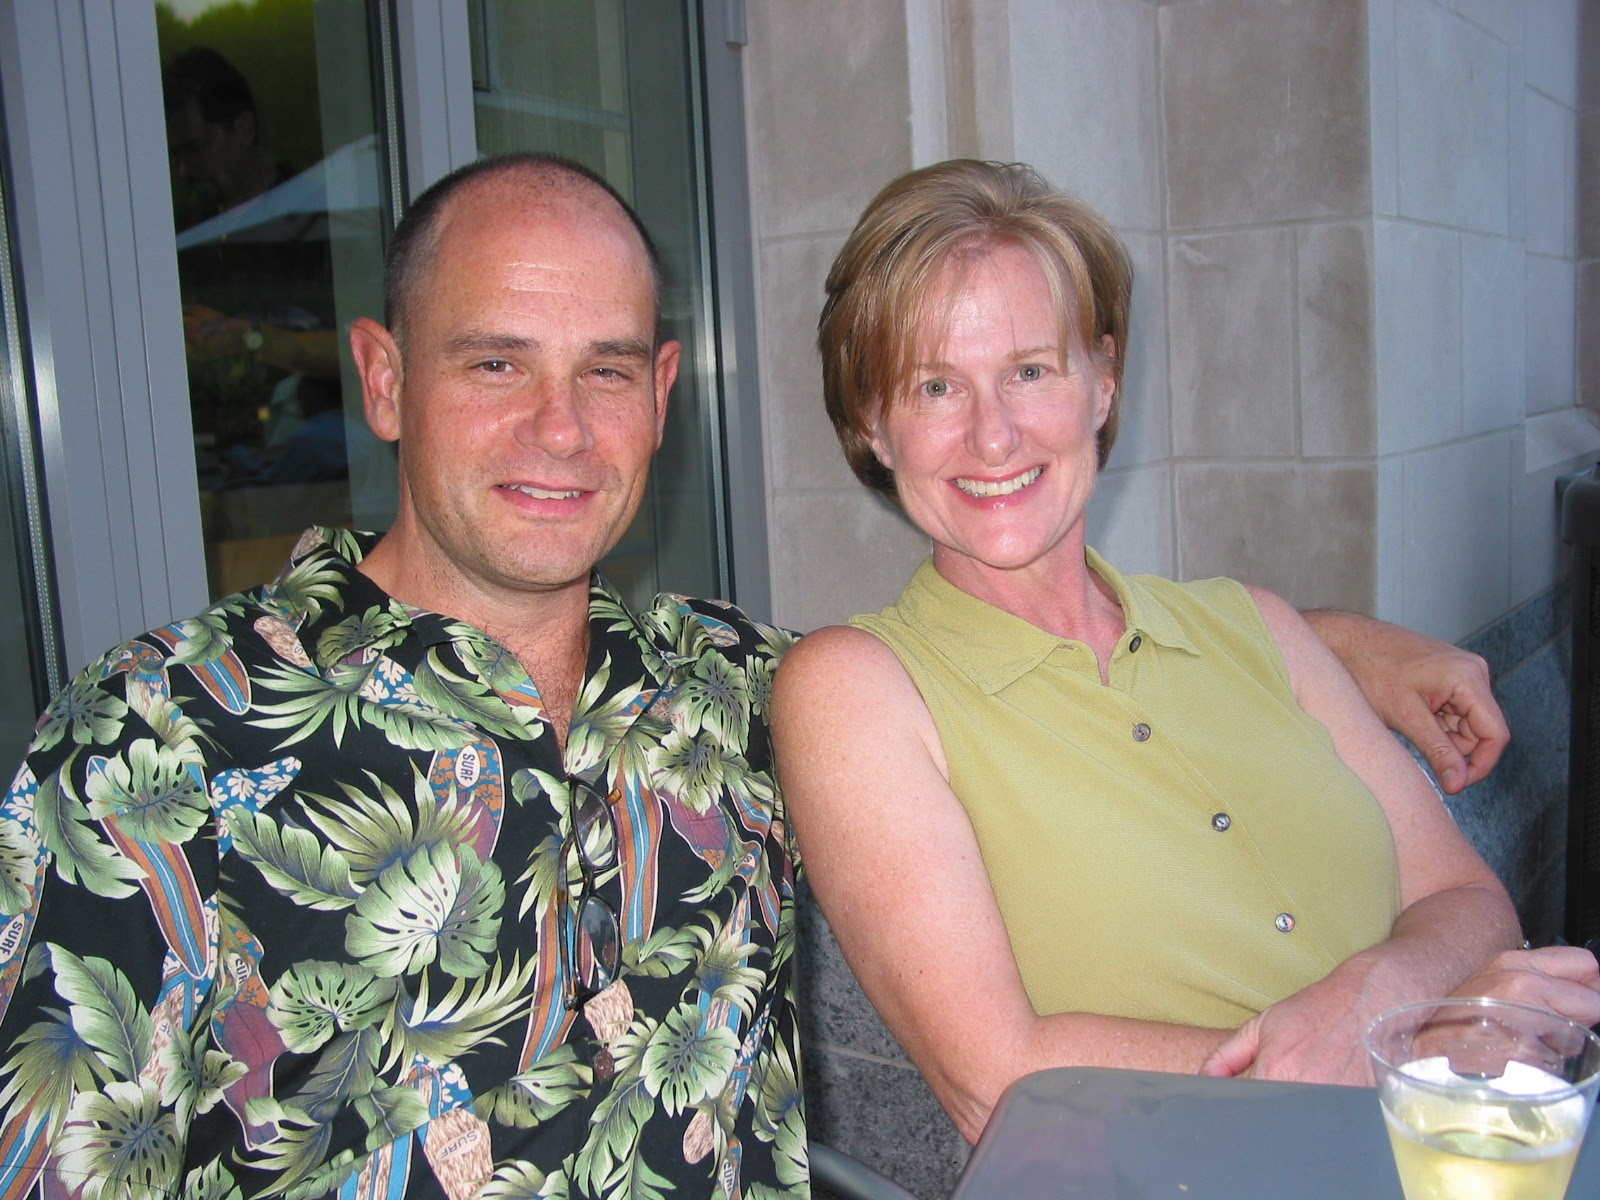 Nancy_and_Paul.JPG